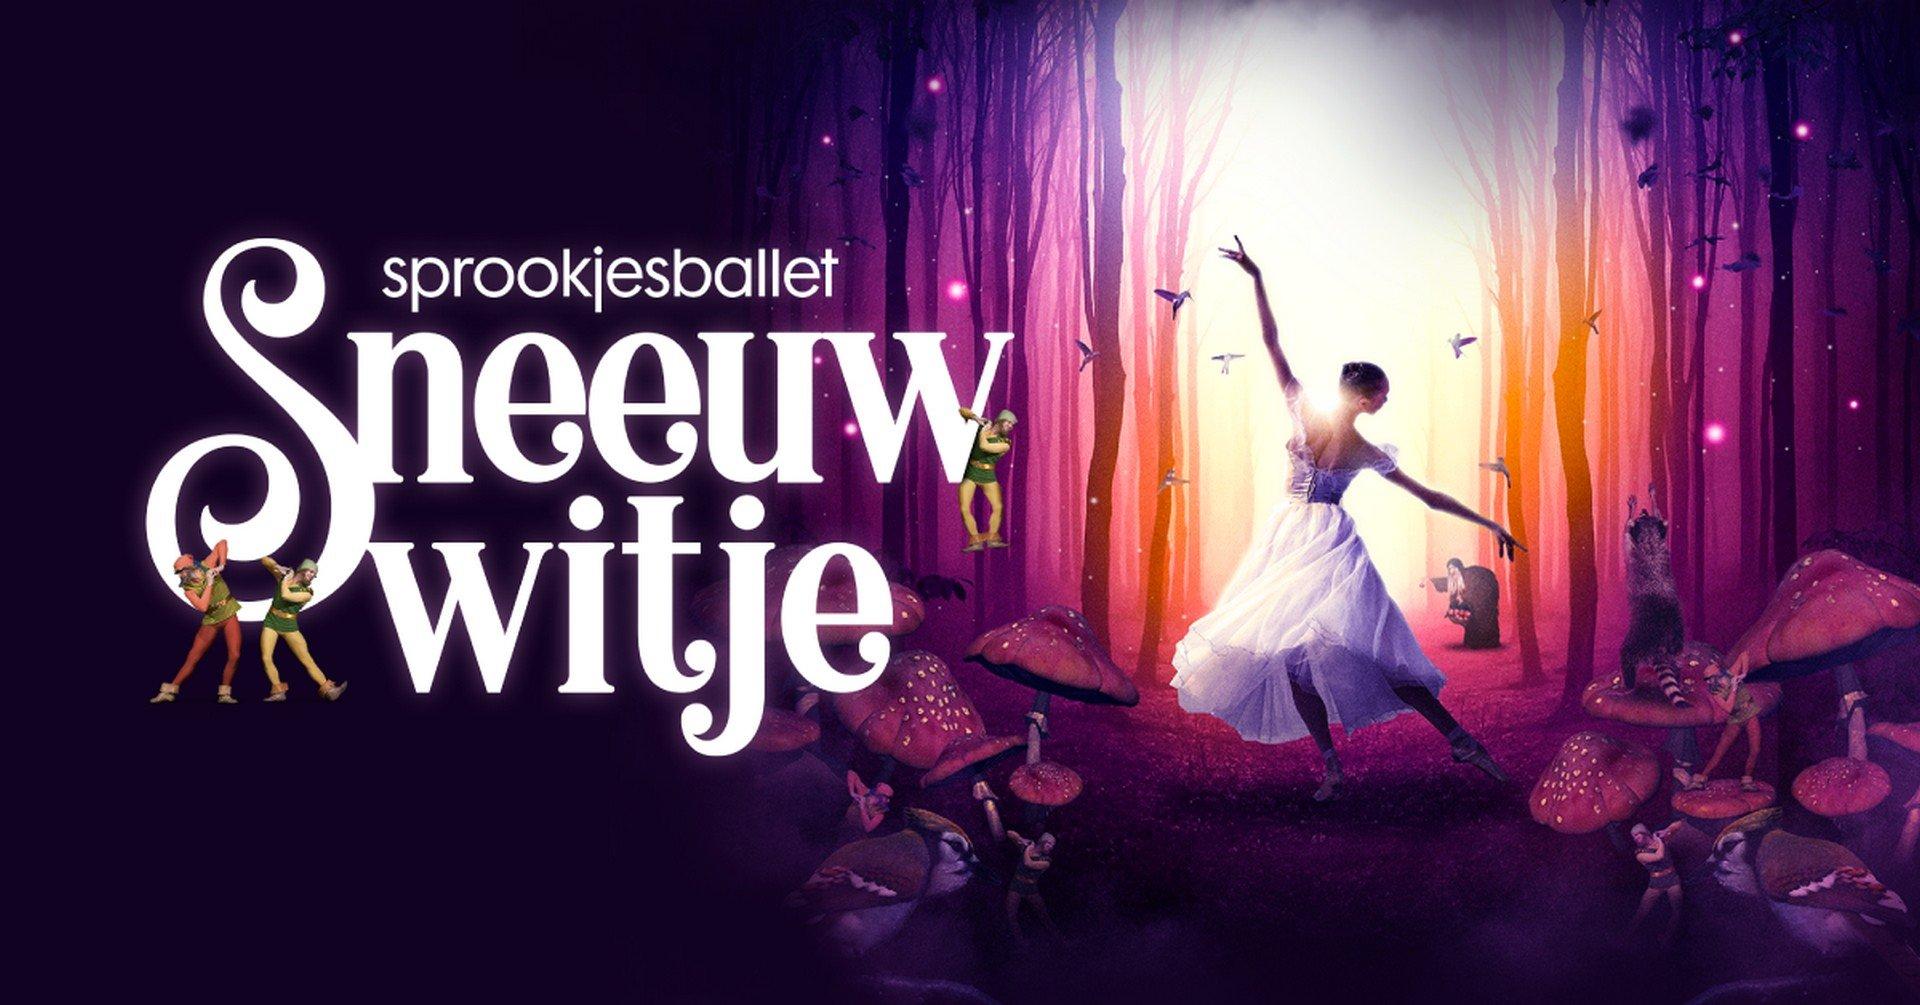 Prima Donna Events presenteert magisch sprookjesballet 'Sneeuwwitje' - Sprookjesballet Sneeuwitje